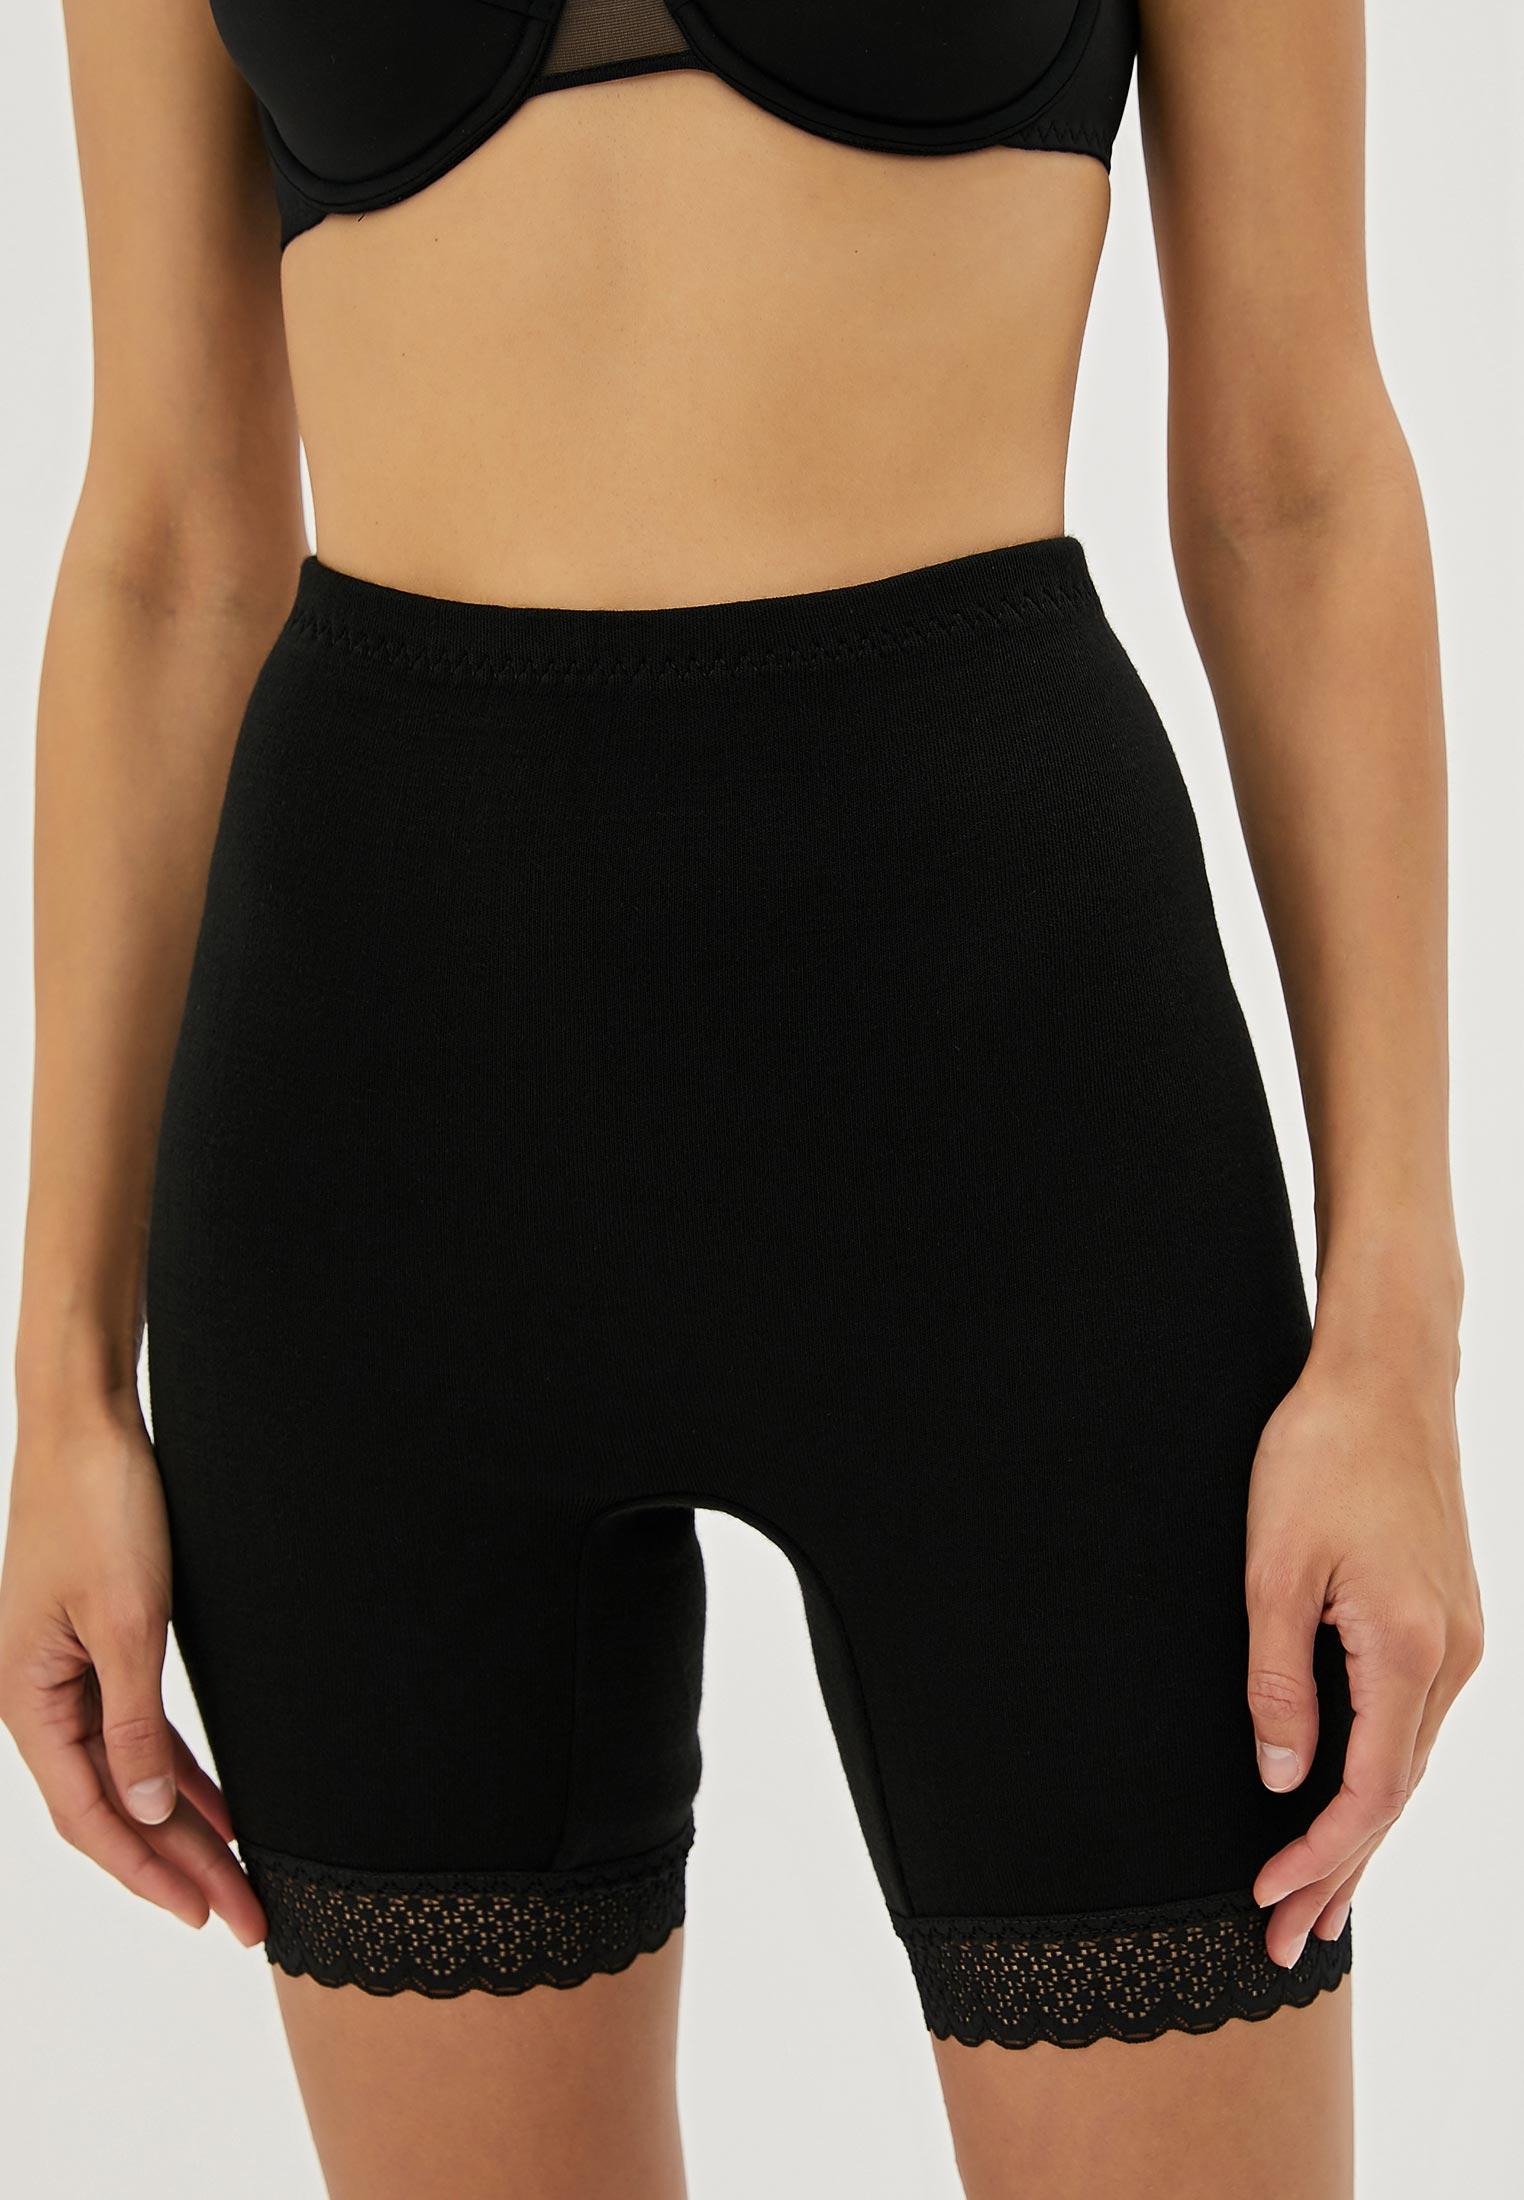 Панталоны женские НОВОЕ ВРЕМЯ T010 черные 58 RU